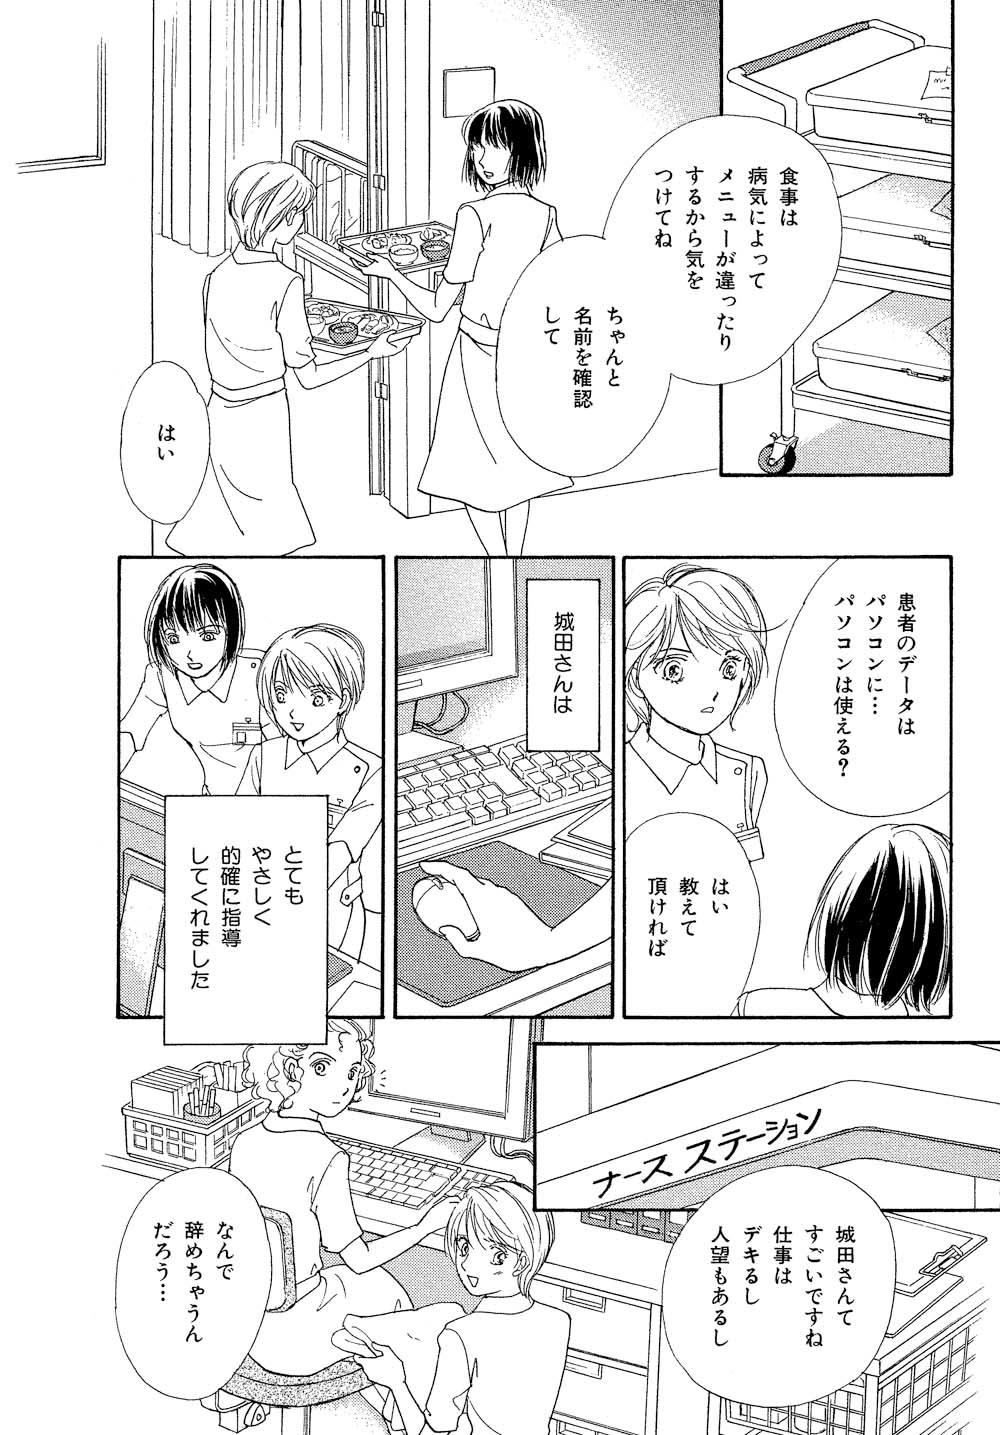 hakui_0001_0144.jpg